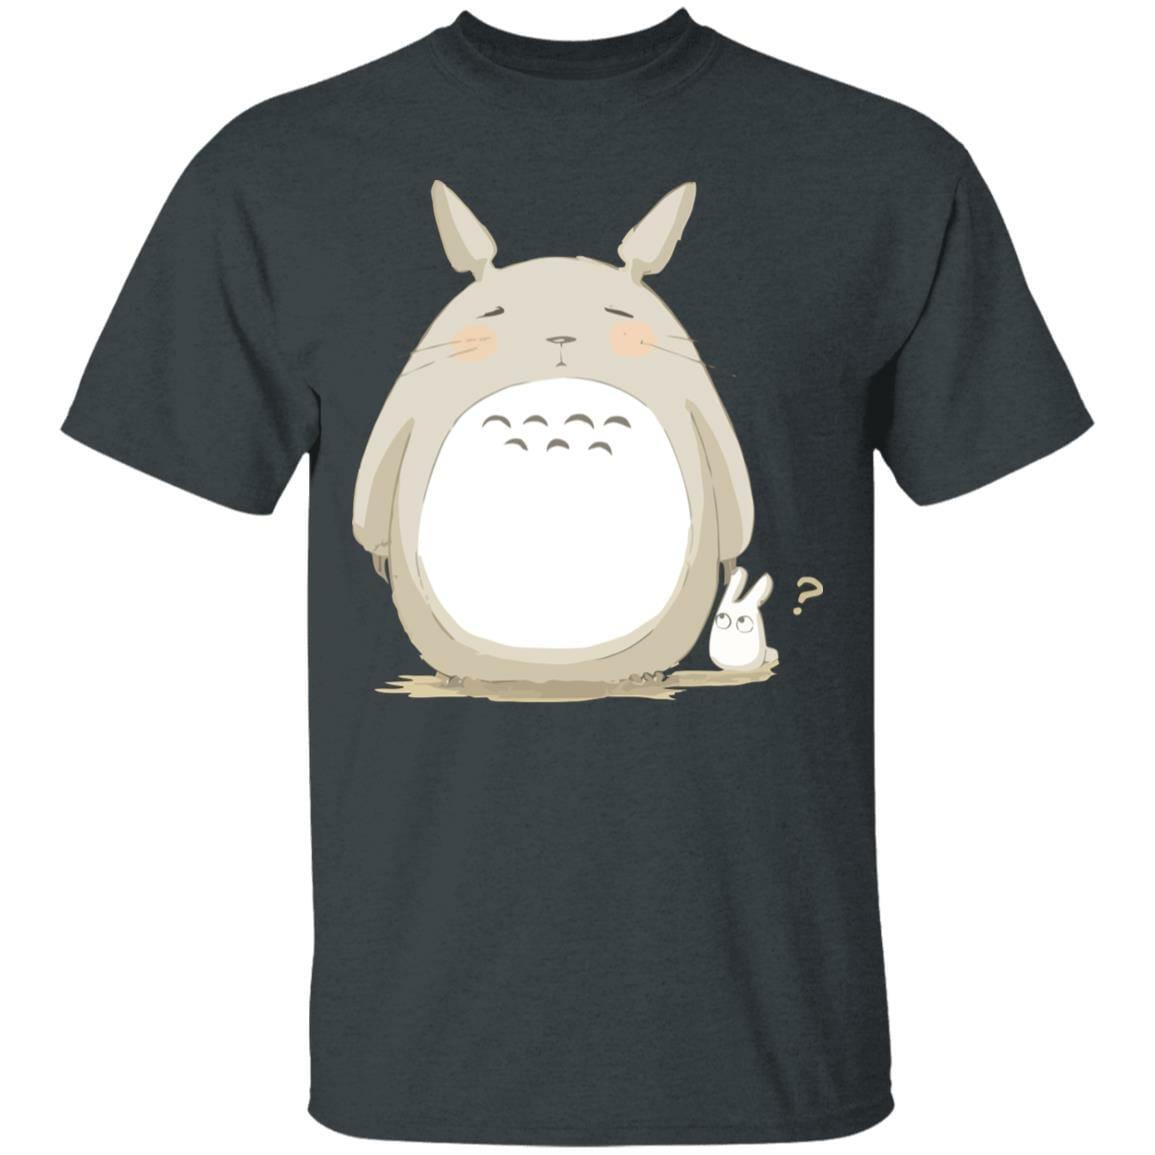 Cute Totoro Pinky Face T Shirt